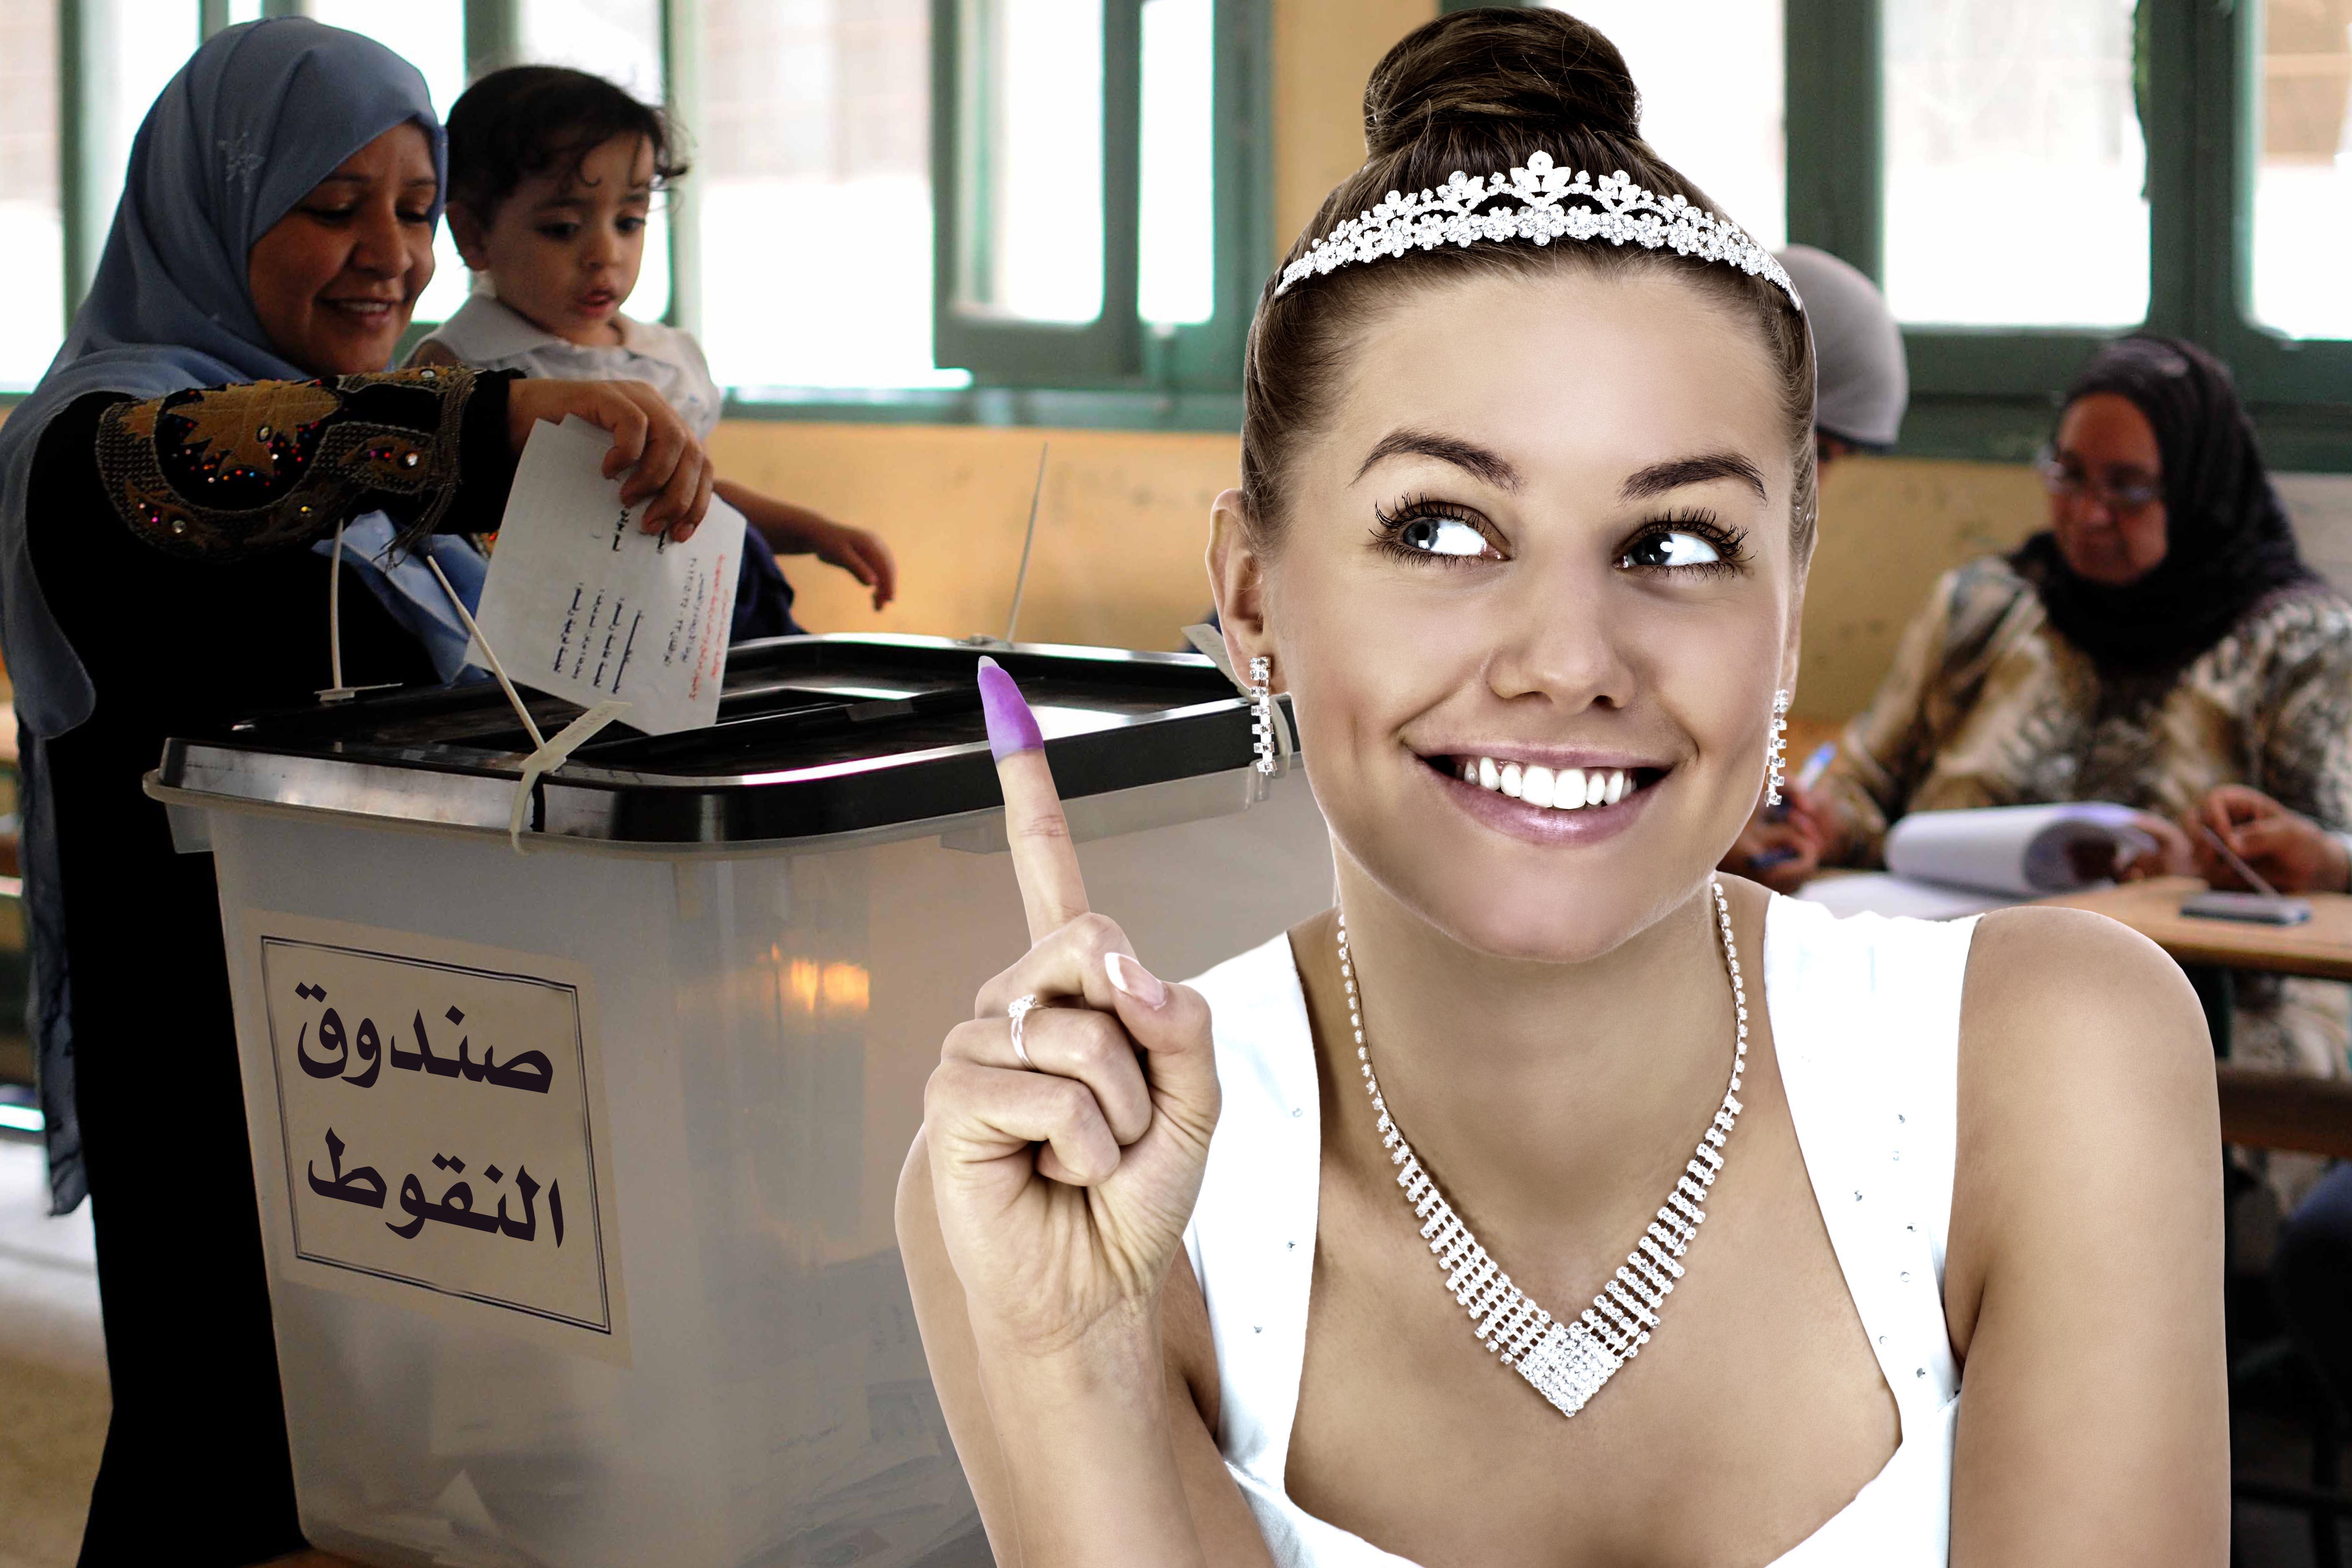 صورة اكثر الرجال وسامة في الوطن العربي